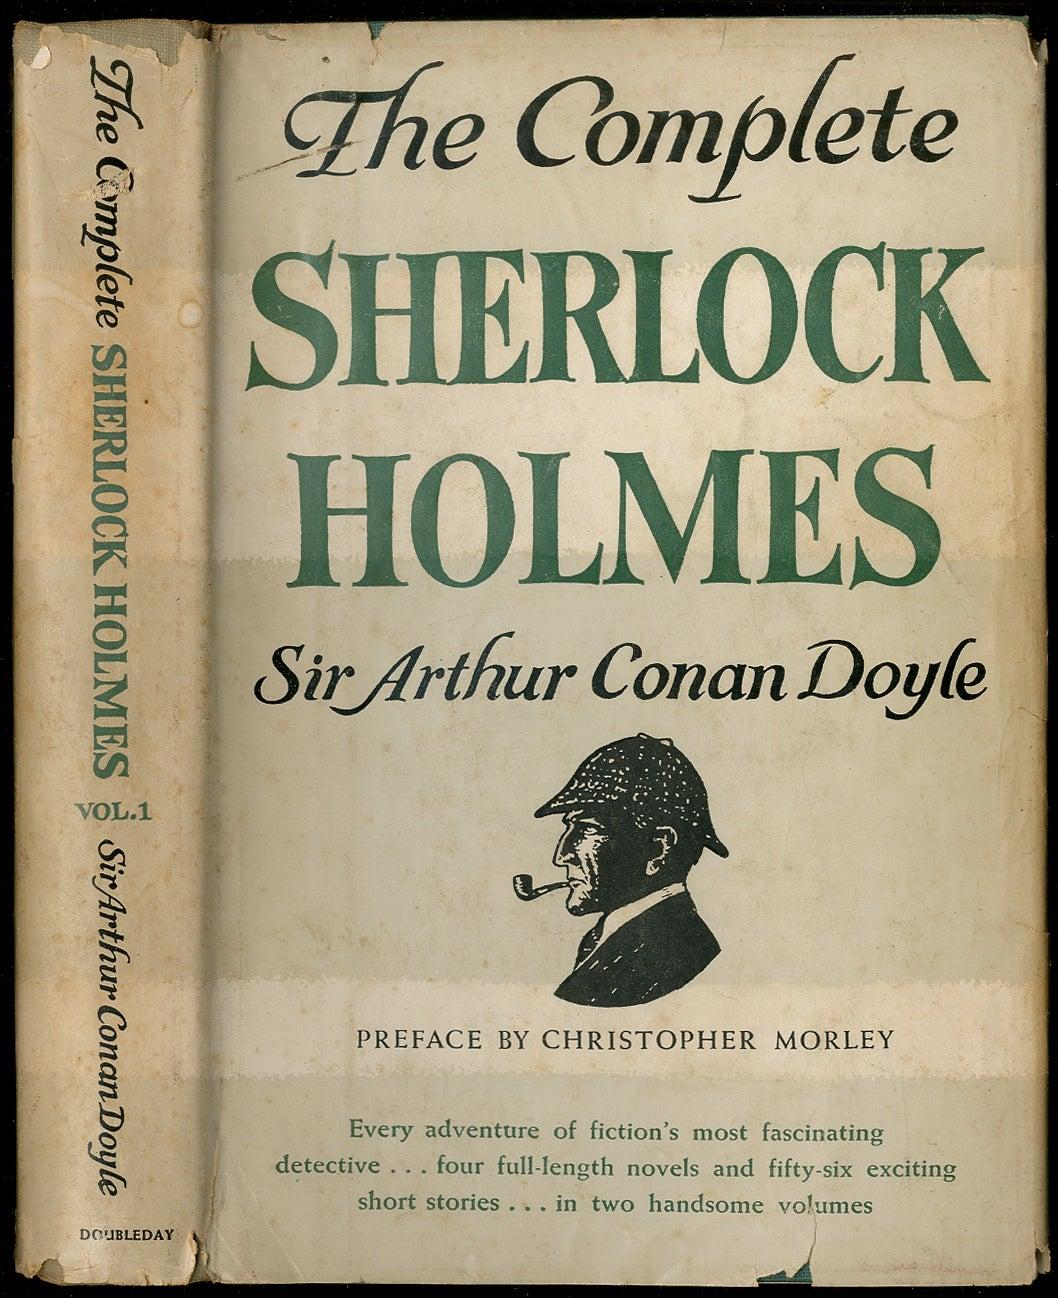 Arthur Conan Doyle Sherlock Holmes : arthur, conan, doyle, sherlock, holmes, Complete, Sherlock, Holmes:, Volume, Arthur, Conan, DOYLE